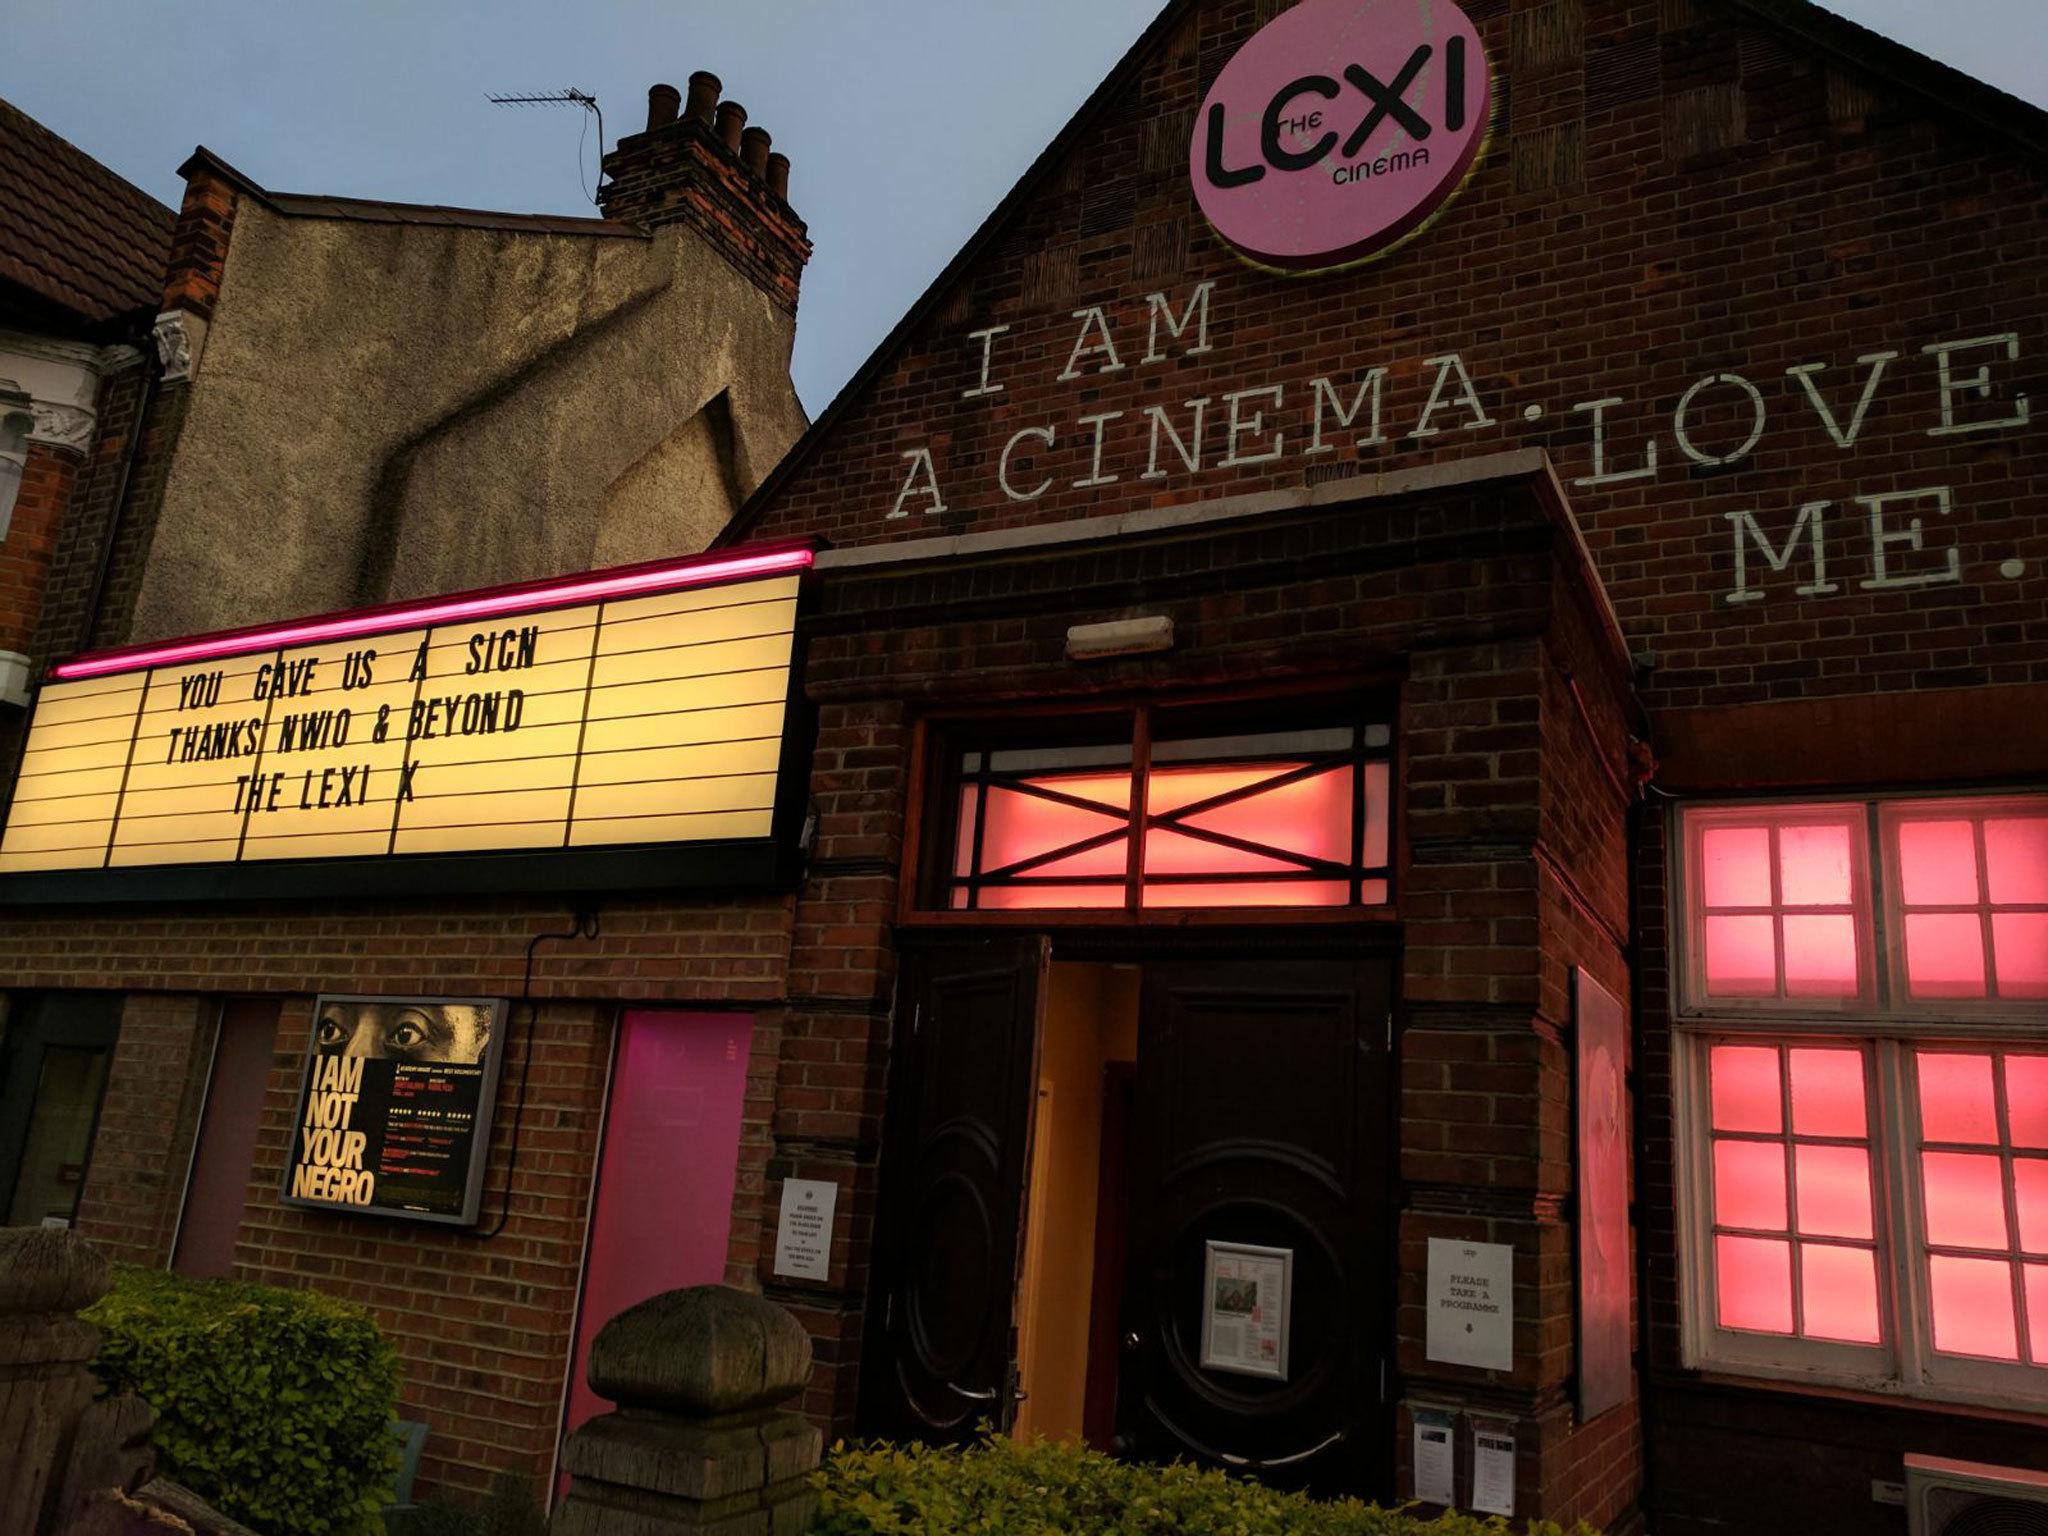 Lexi Cinema